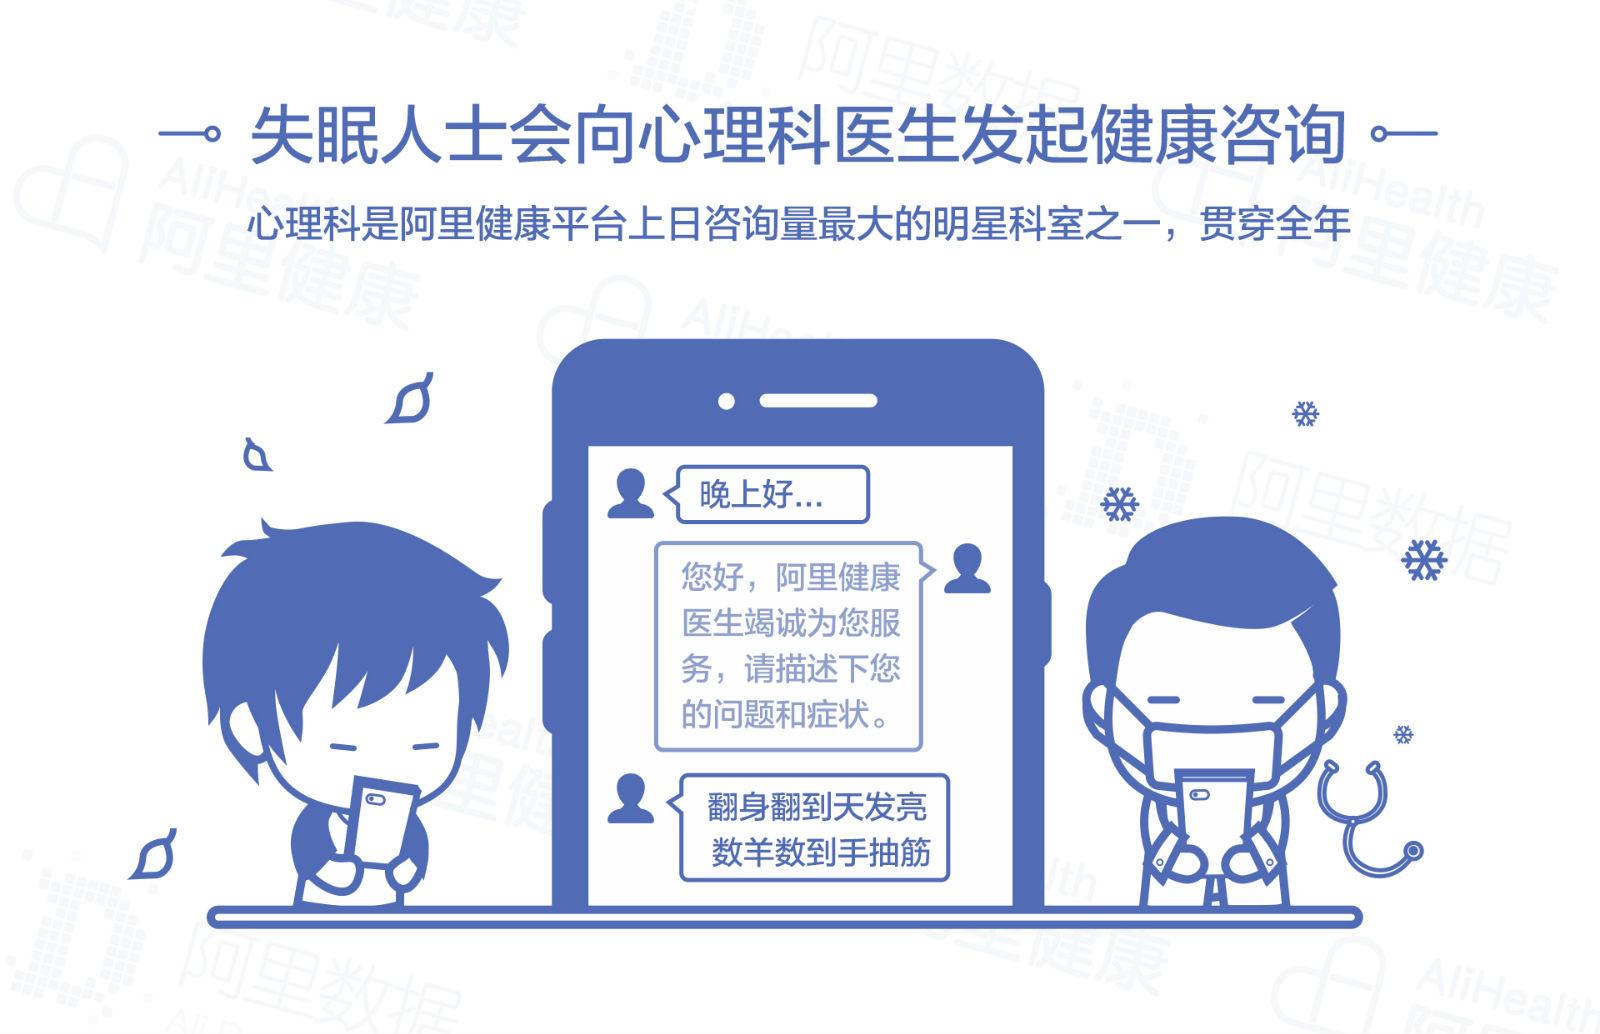 失眠页面0_04_meitu_10